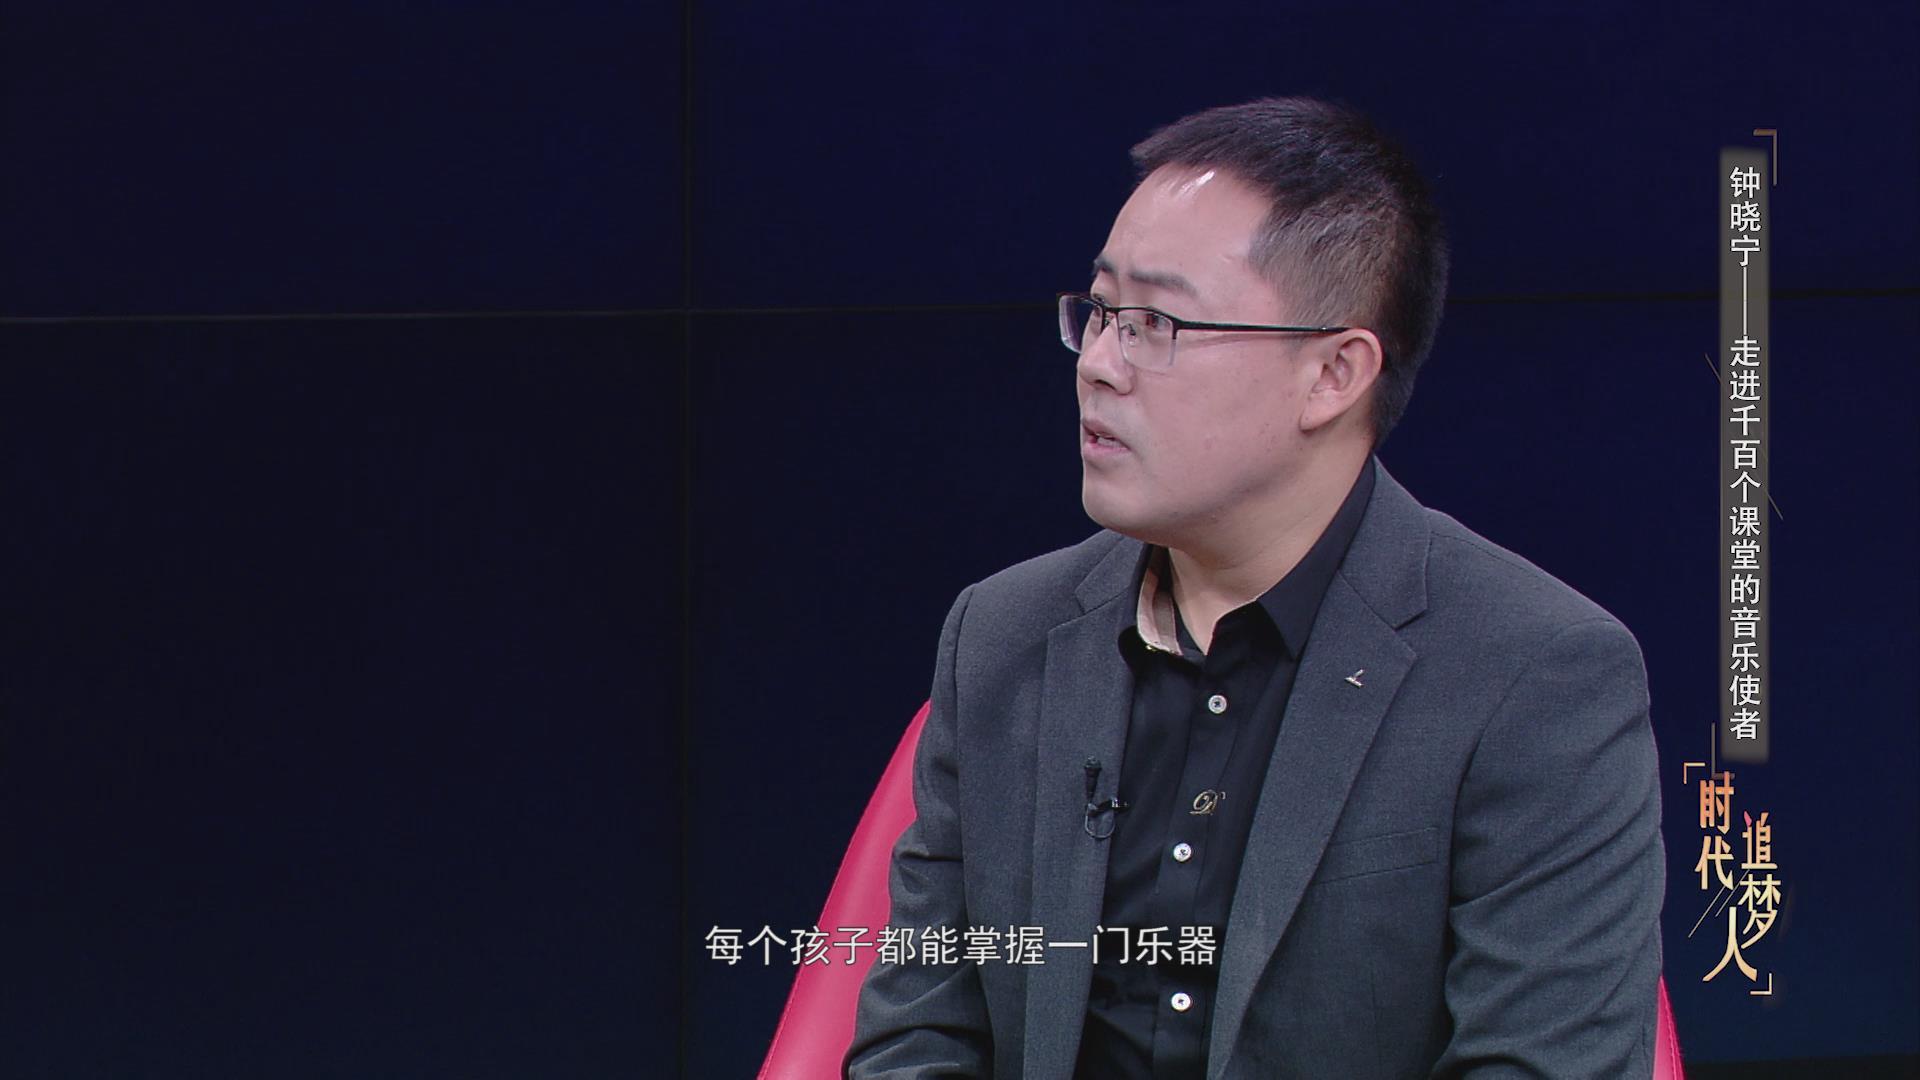 钟晓宁——走进千百课堂的音乐使者